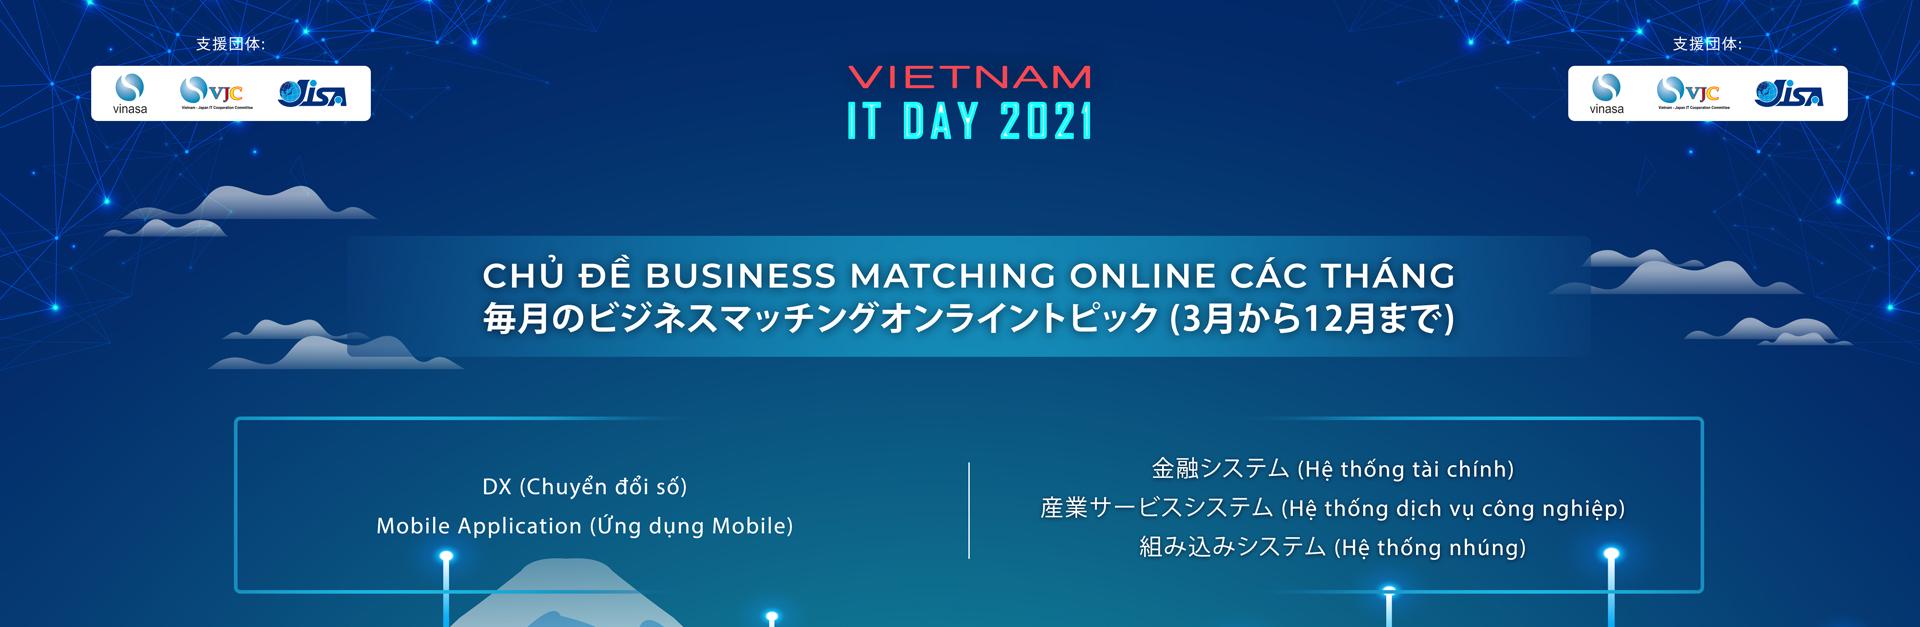 Vietnam IT Day 2021